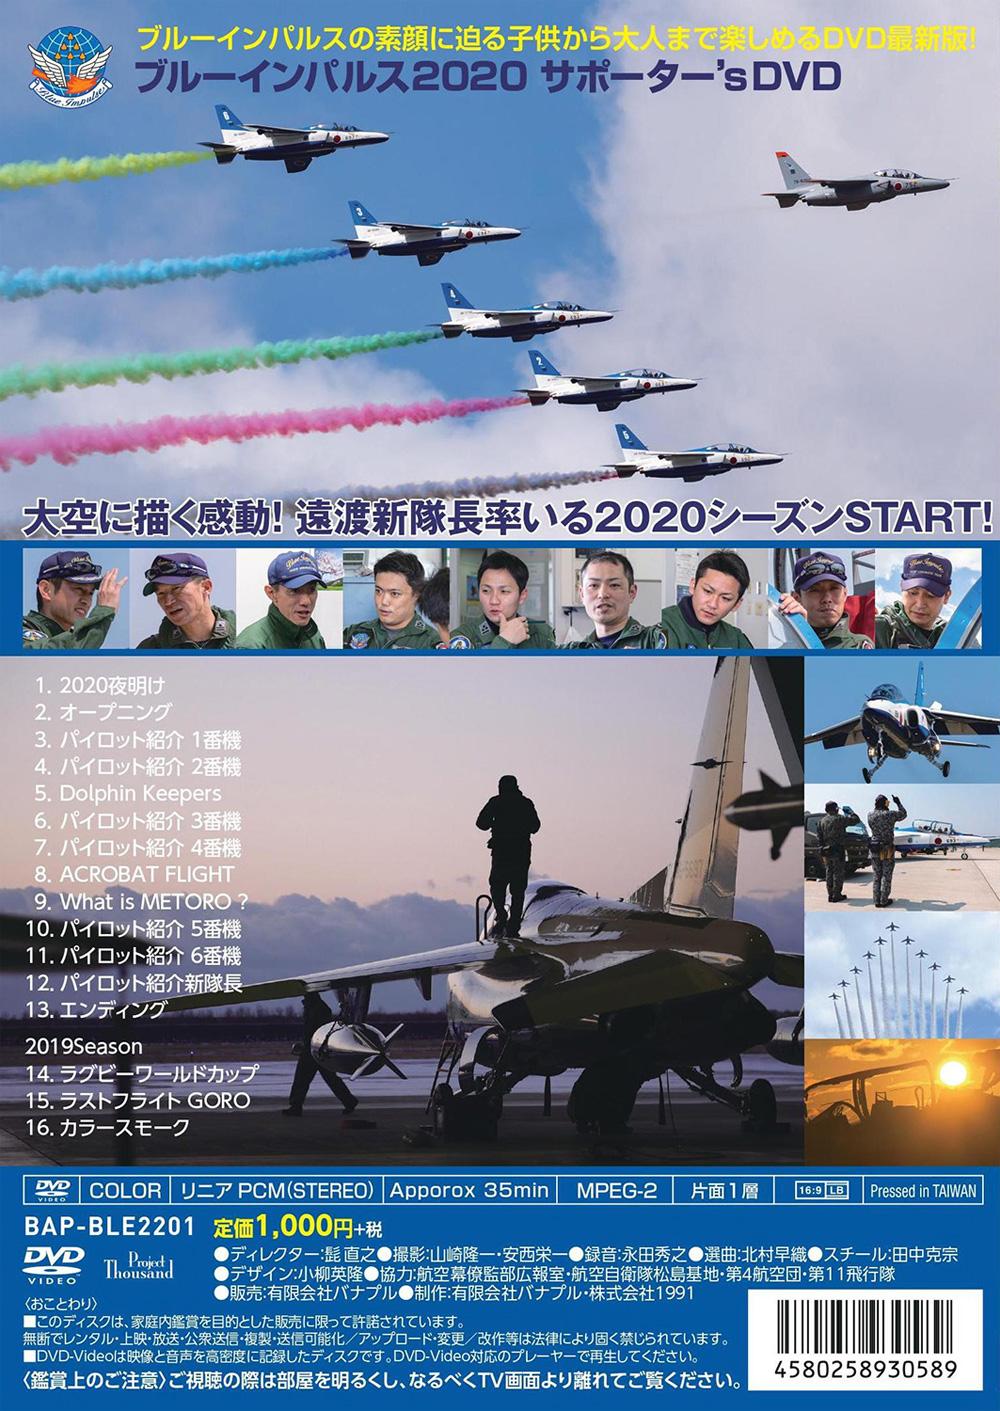 ブルーインパルス 2020 サポーターズ DVDDVD(バナプルブルーインパルスNo.BAP-BLE2201)商品画像_1